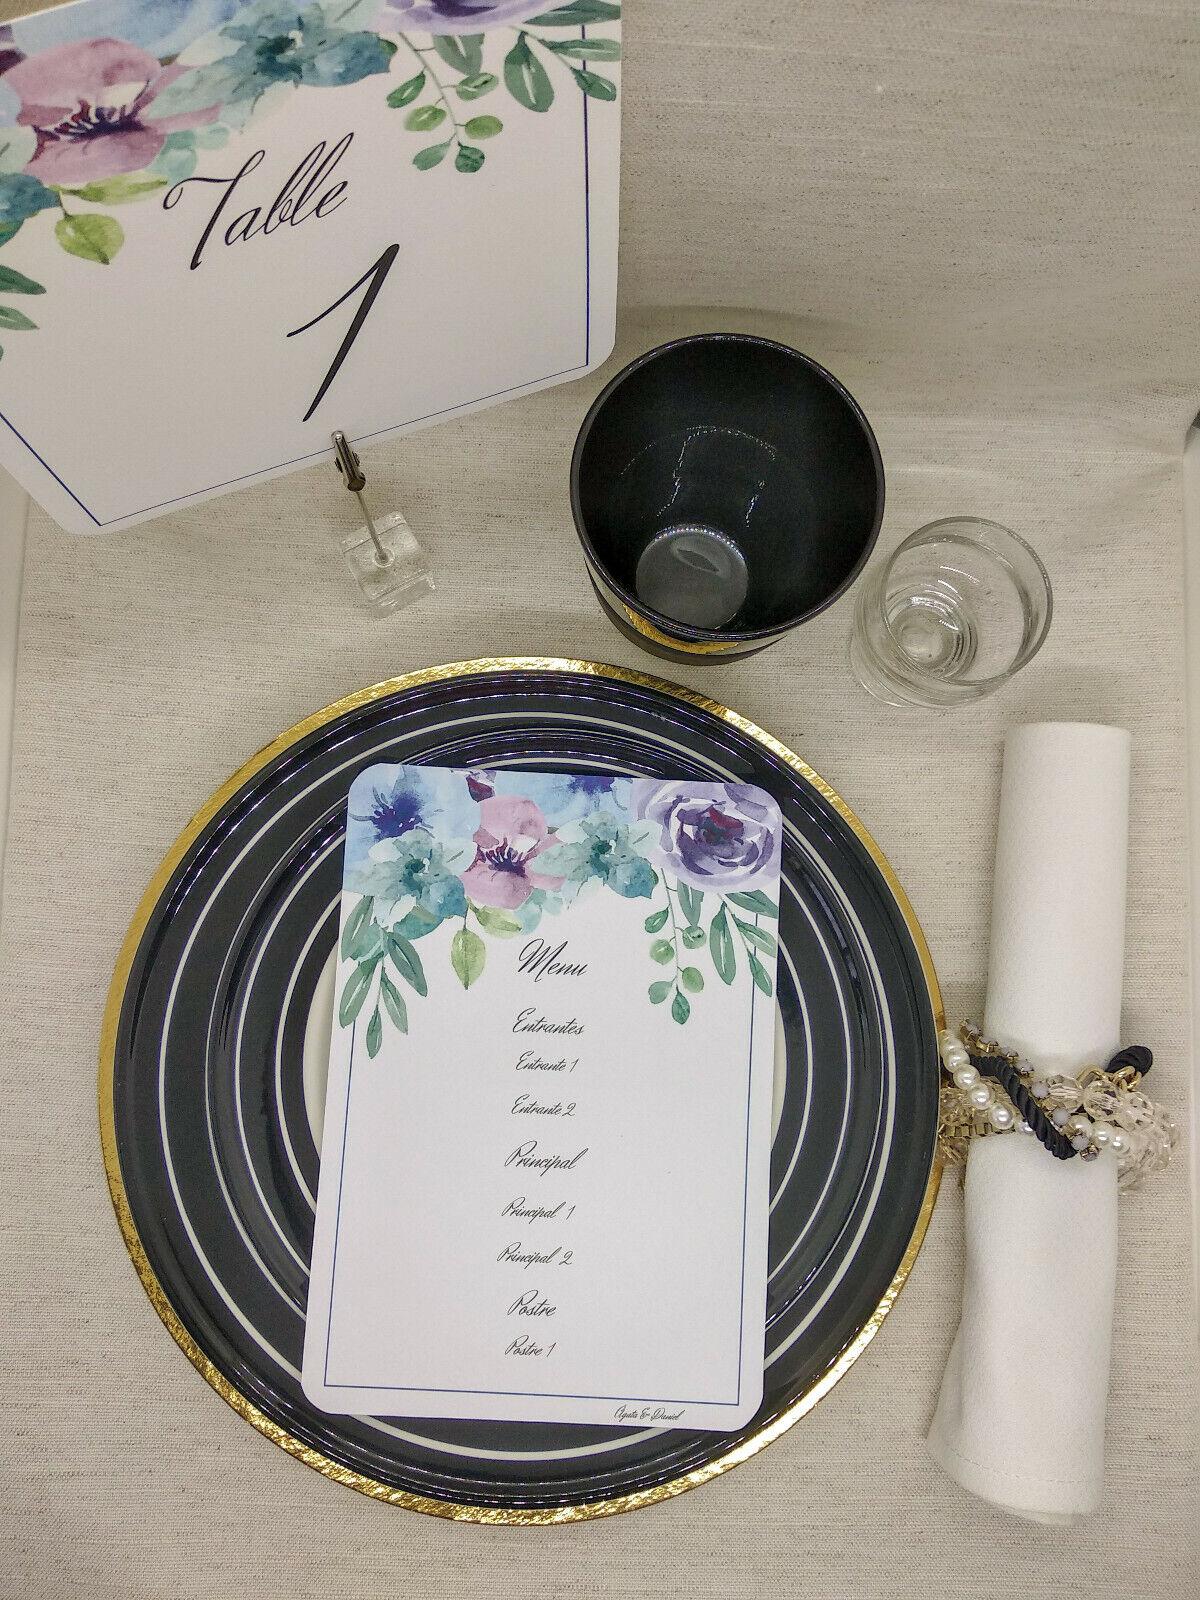 Menú para boda. Tarjeta con el menú. 10 tarjetas impresas